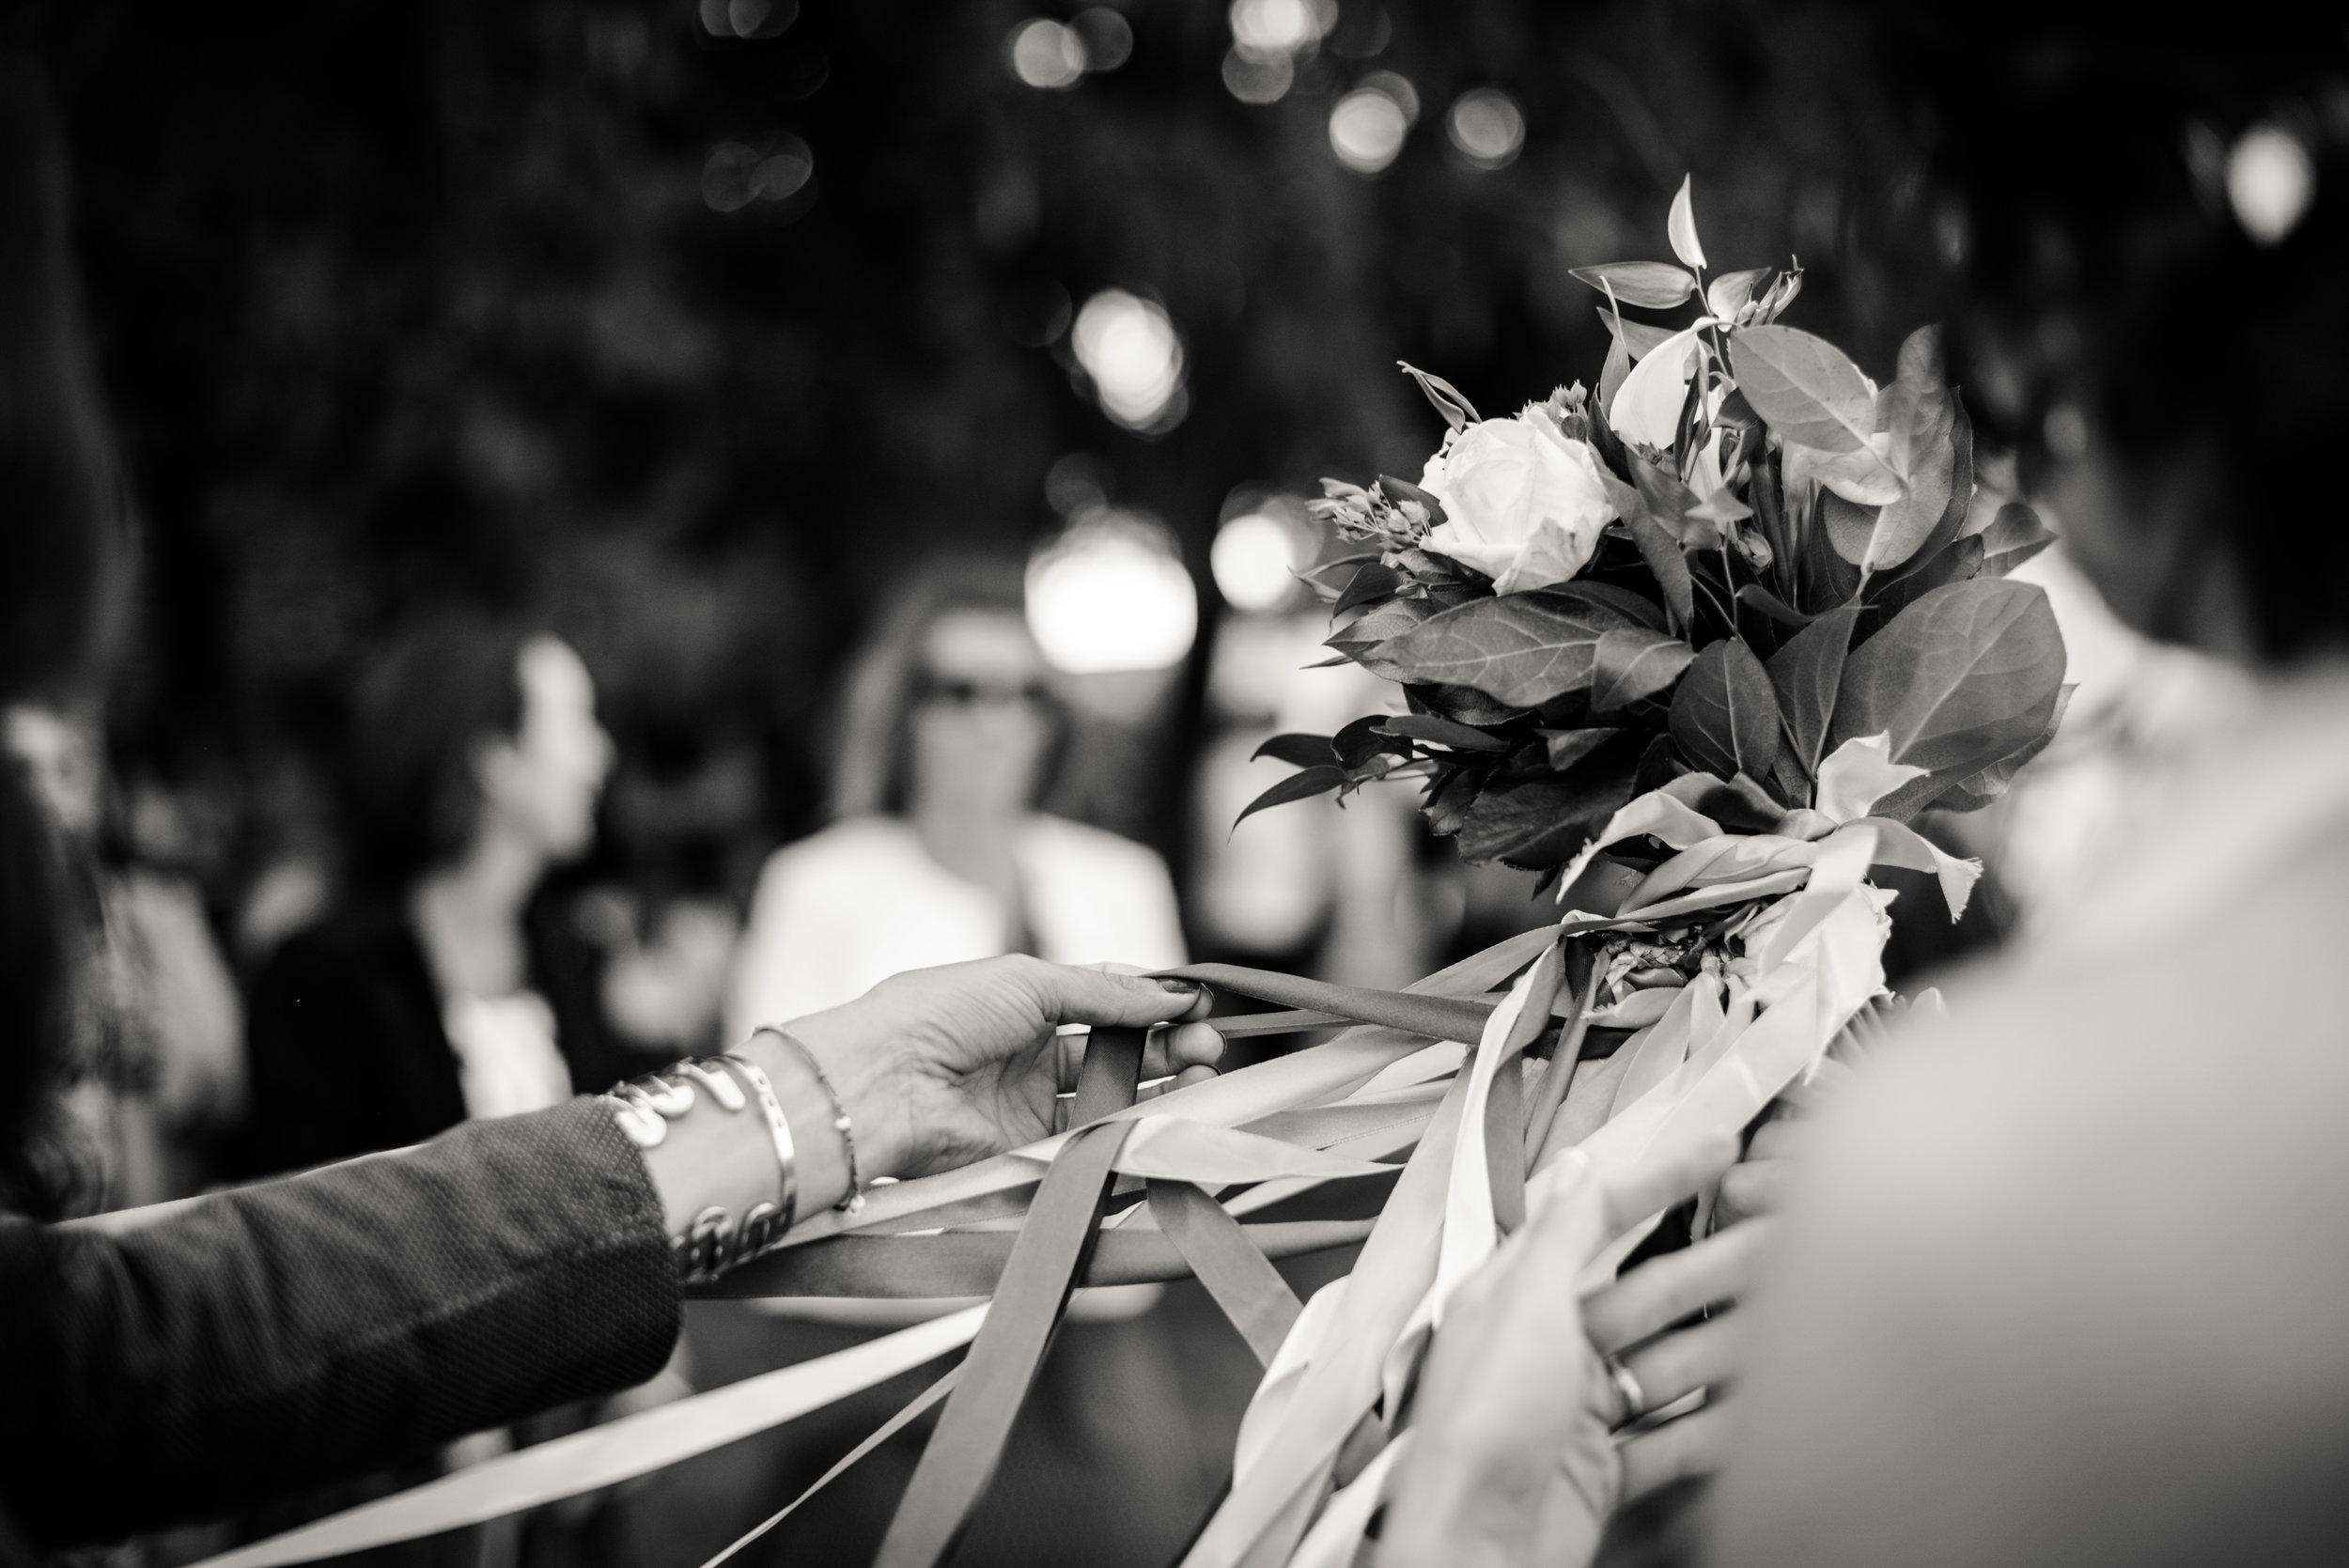 Léa-Fery-photographe-professionnel-lyon-rhone-alpes-portrait-creation-mariage-evenement-evenementiel-famille-9238.jpg